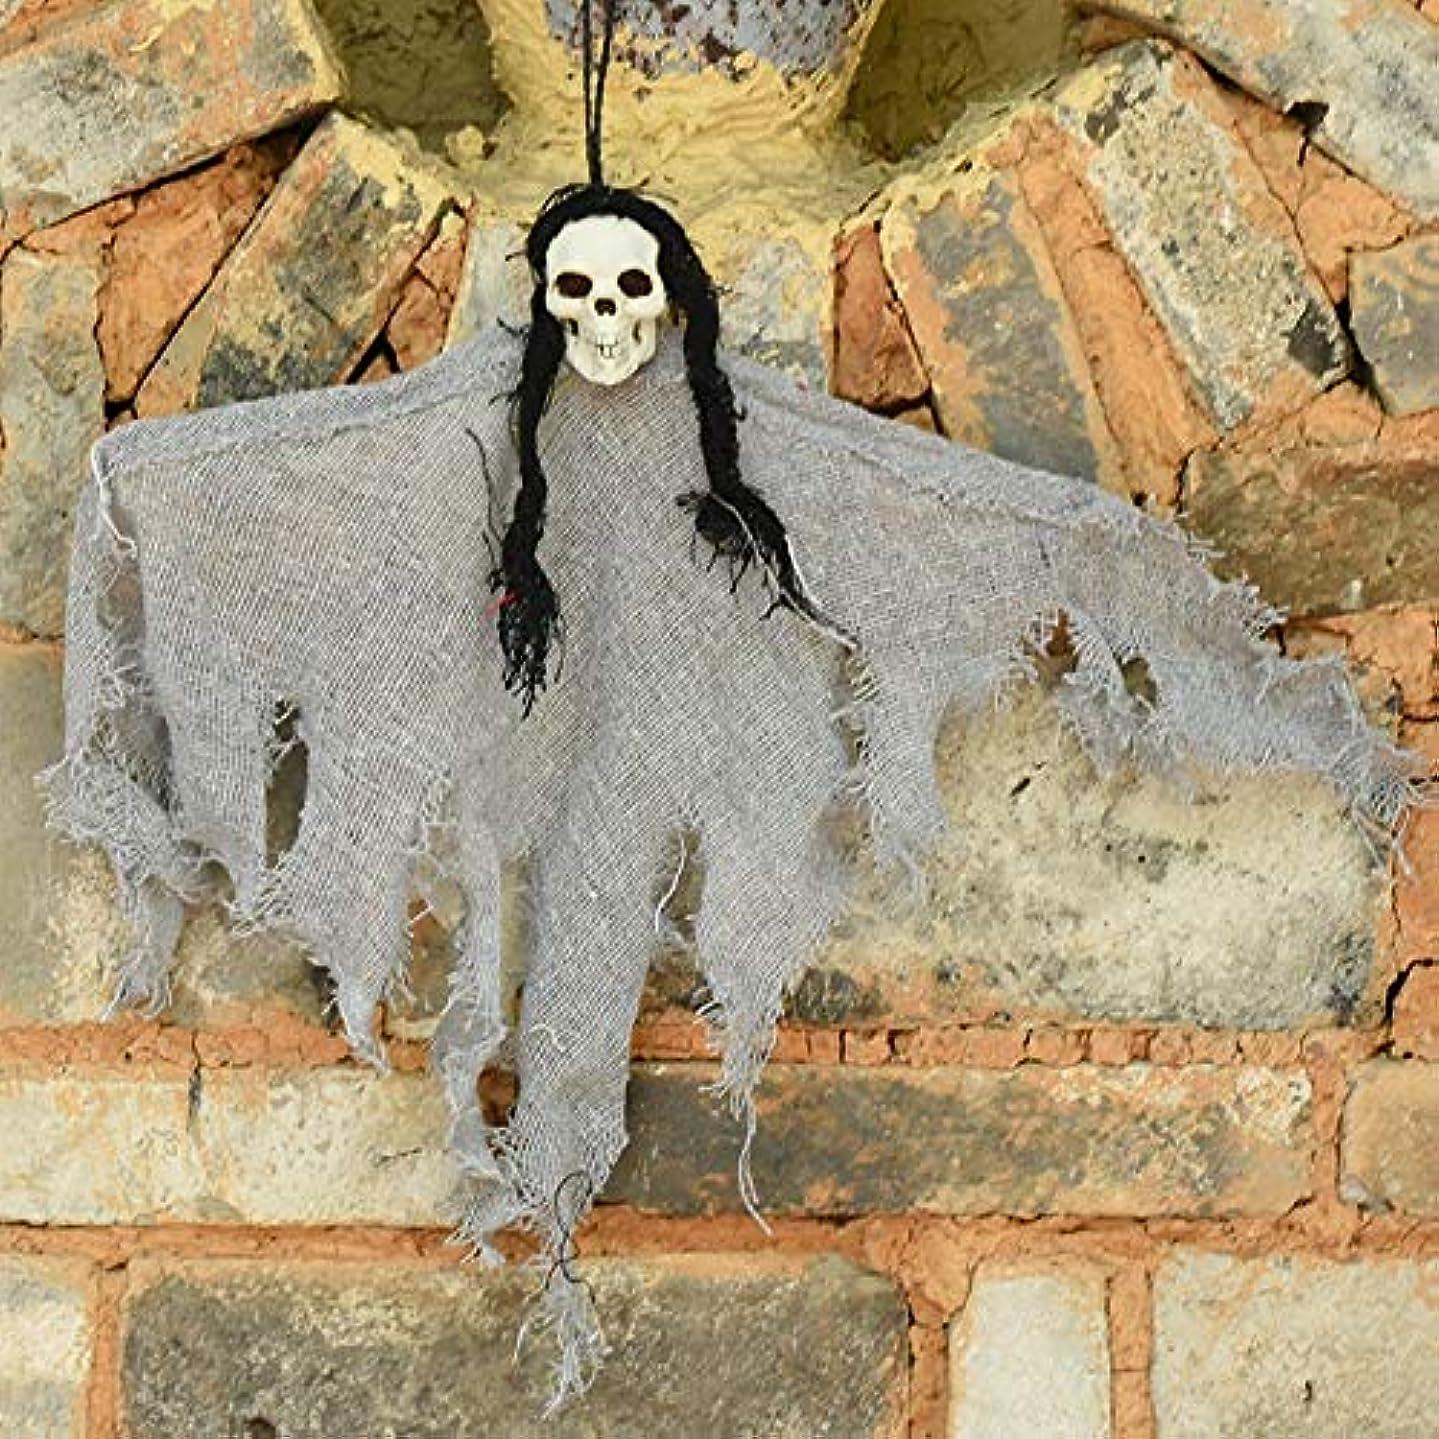 ワードローブミシンジャンルETRRUU HOME ハロウィン装飾スカルぶら下げゴーストお化け屋敷シークレットルームバーパーティー装飾製品 (Size : C)